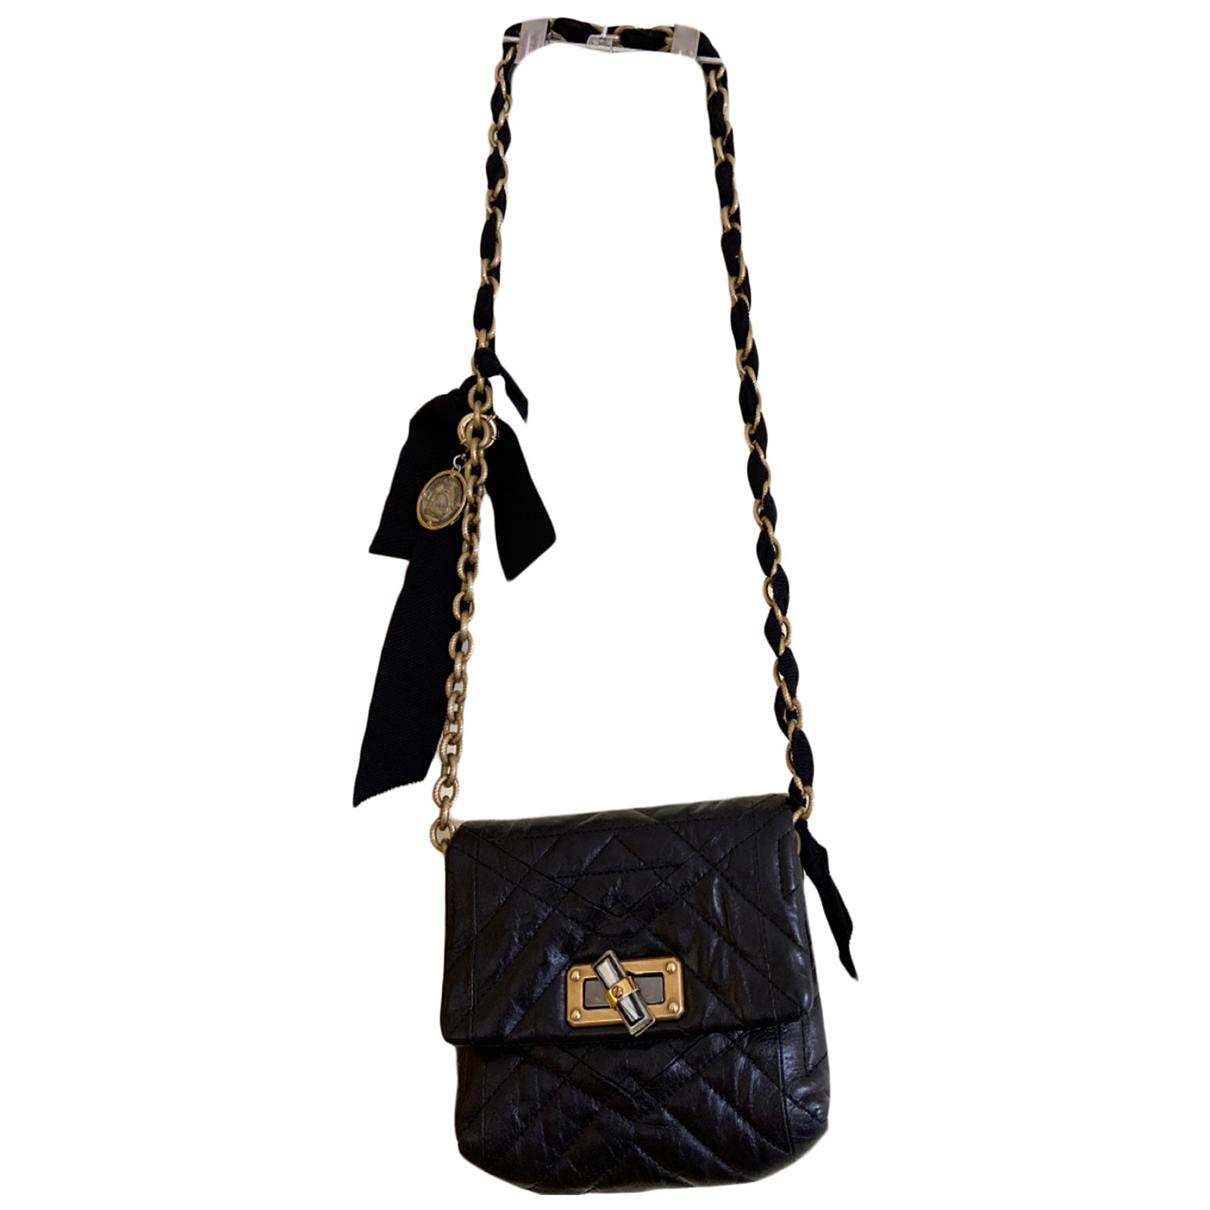 Lanvin Happy Handtasche in  Schwarz Leder